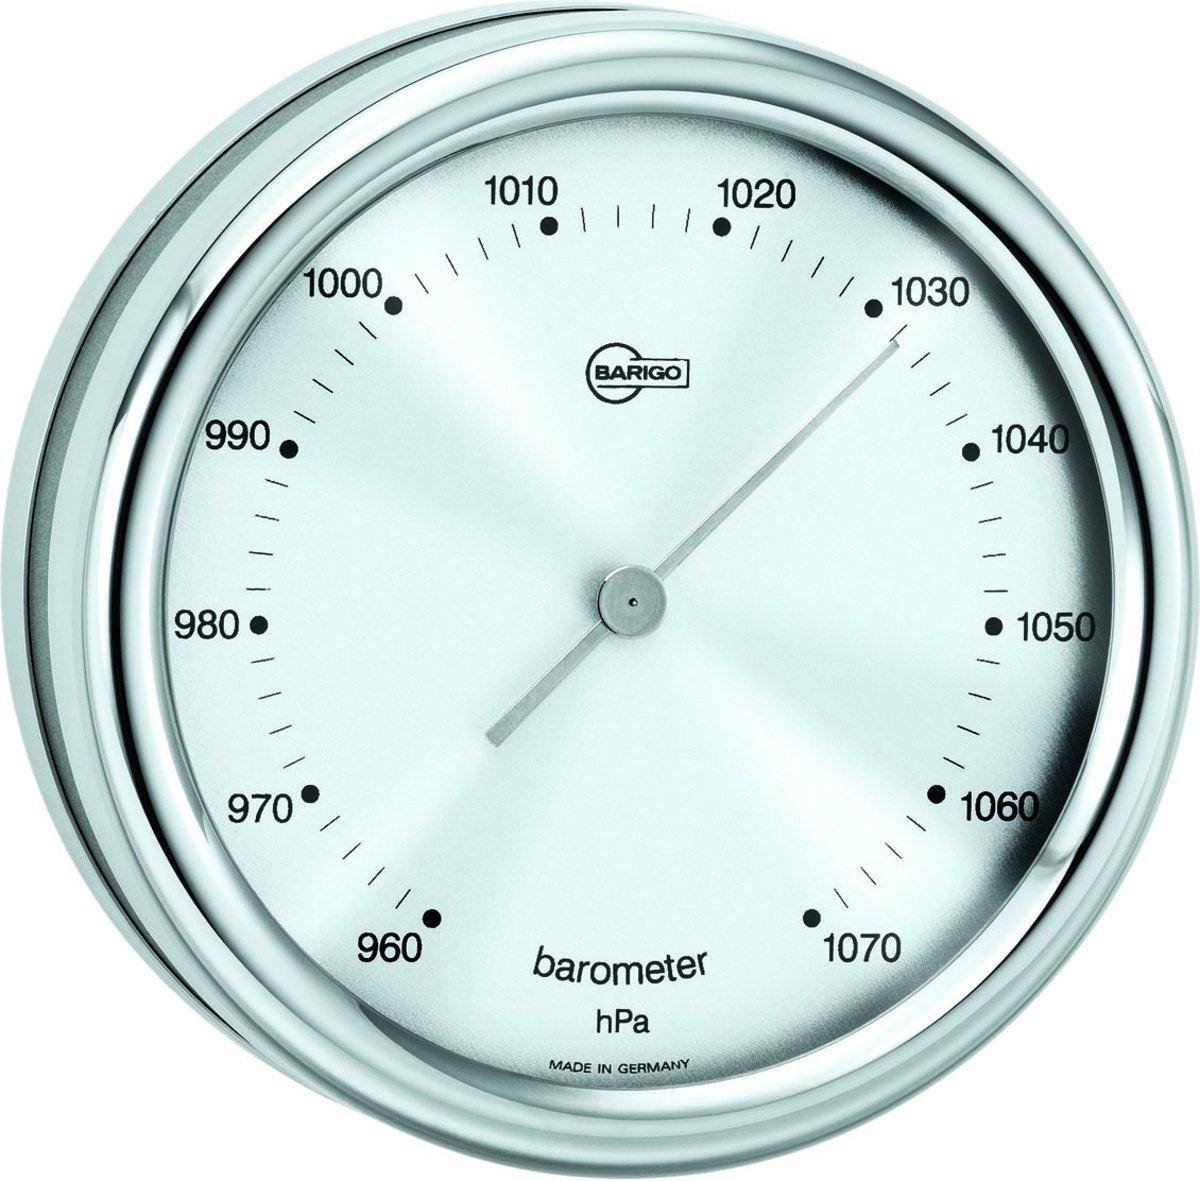 Barigo 823 CR scheepsbarometer ?10 cm rvs kopen